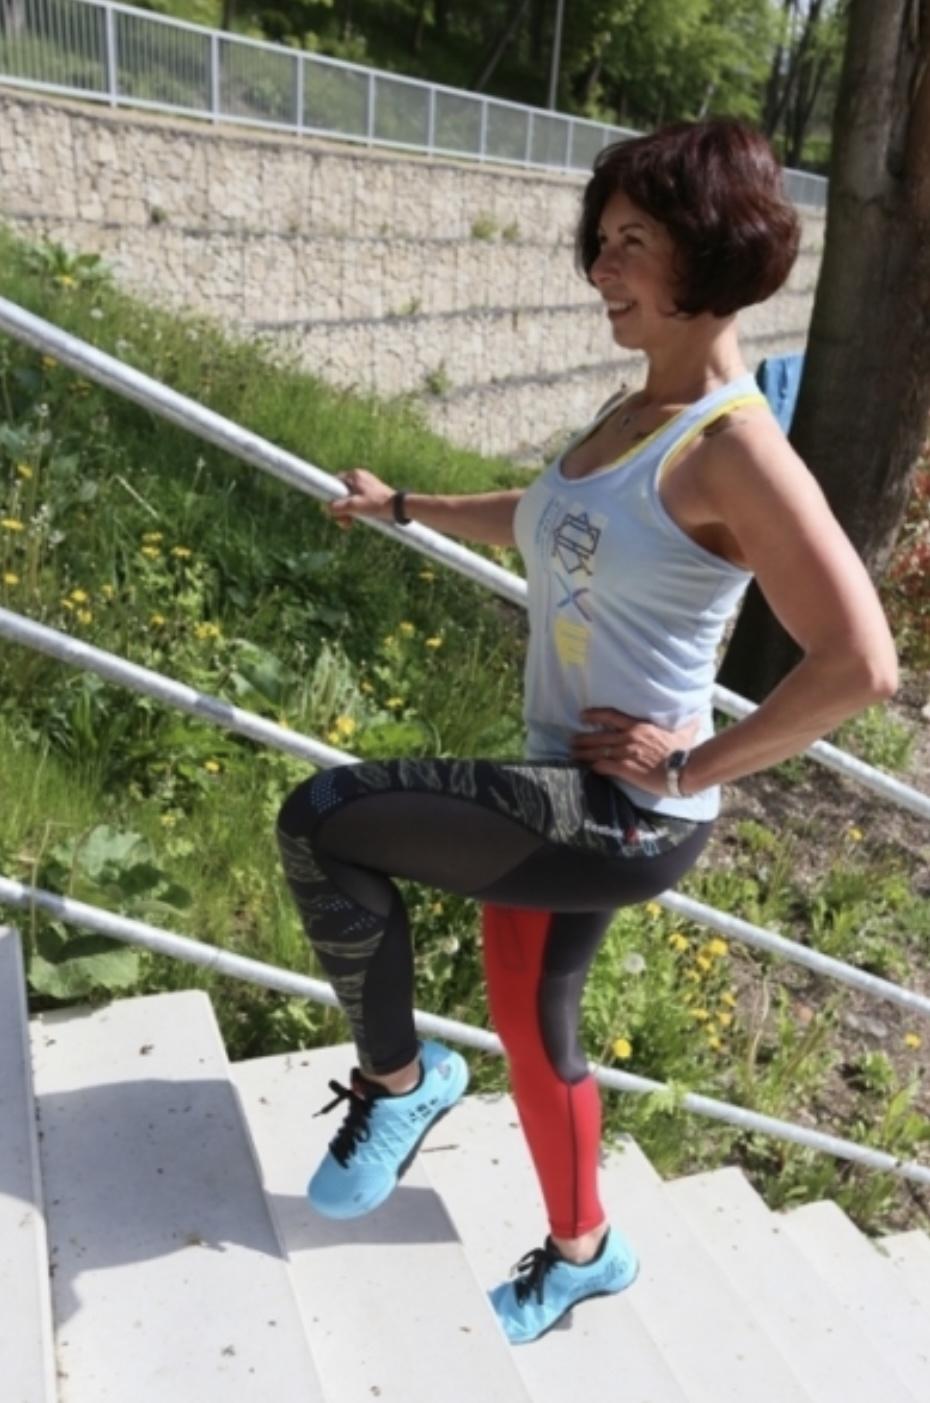 Schází ti kopce, běhej a cvič na schodech - knee up 2